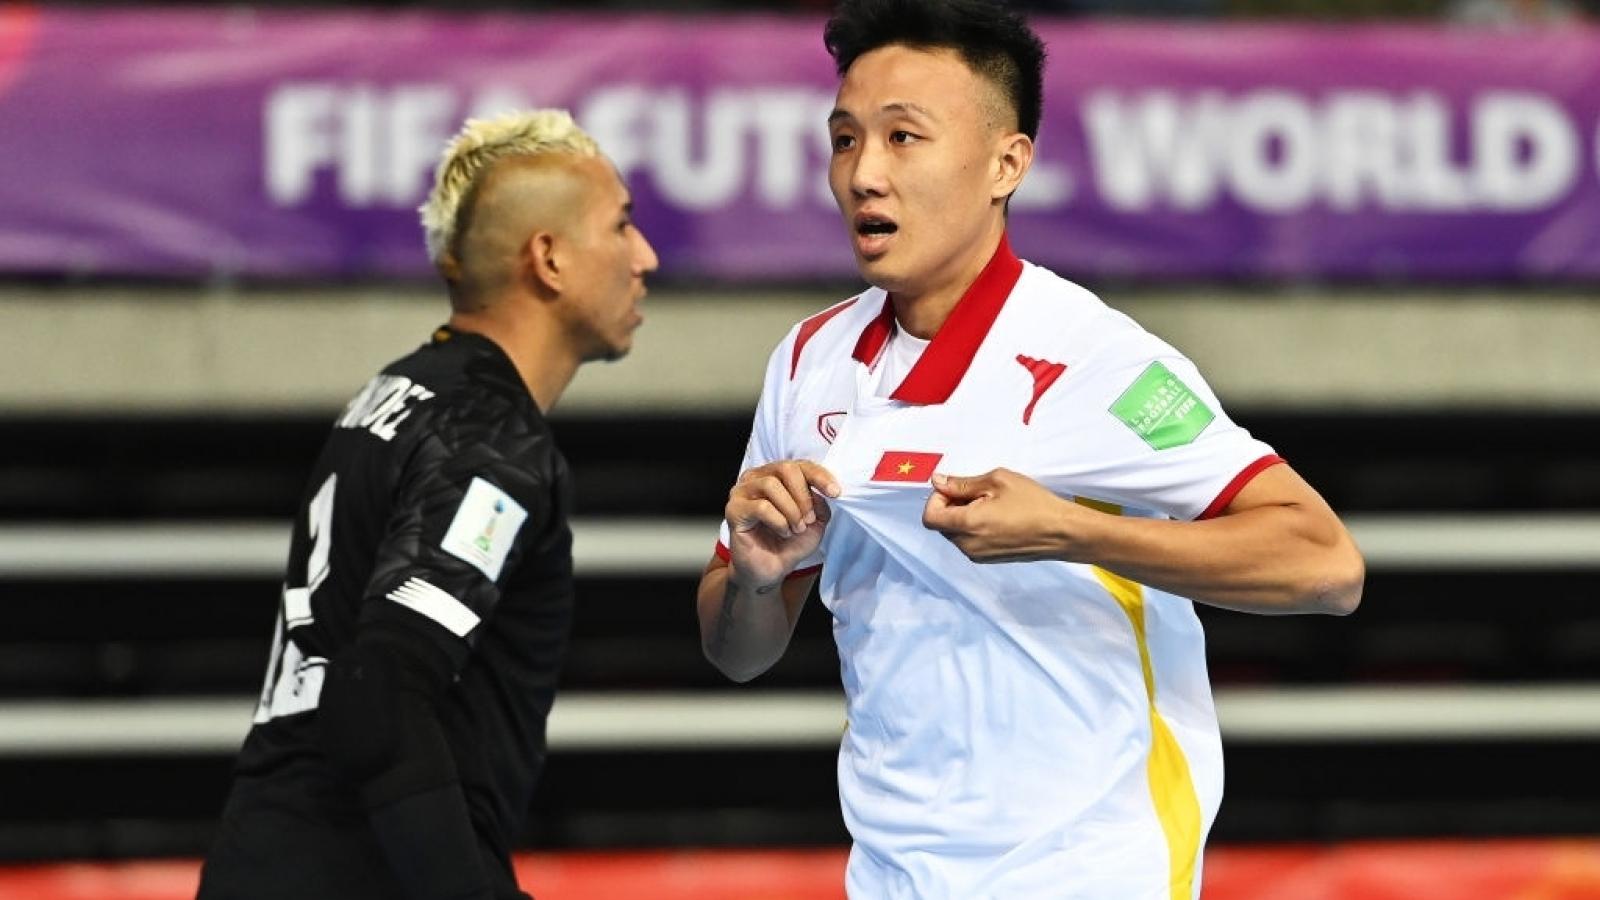 Trực tiếp ĐT Futsal Việt Nam 2-0 ĐT Futsal Panama: Minh Trí lập công